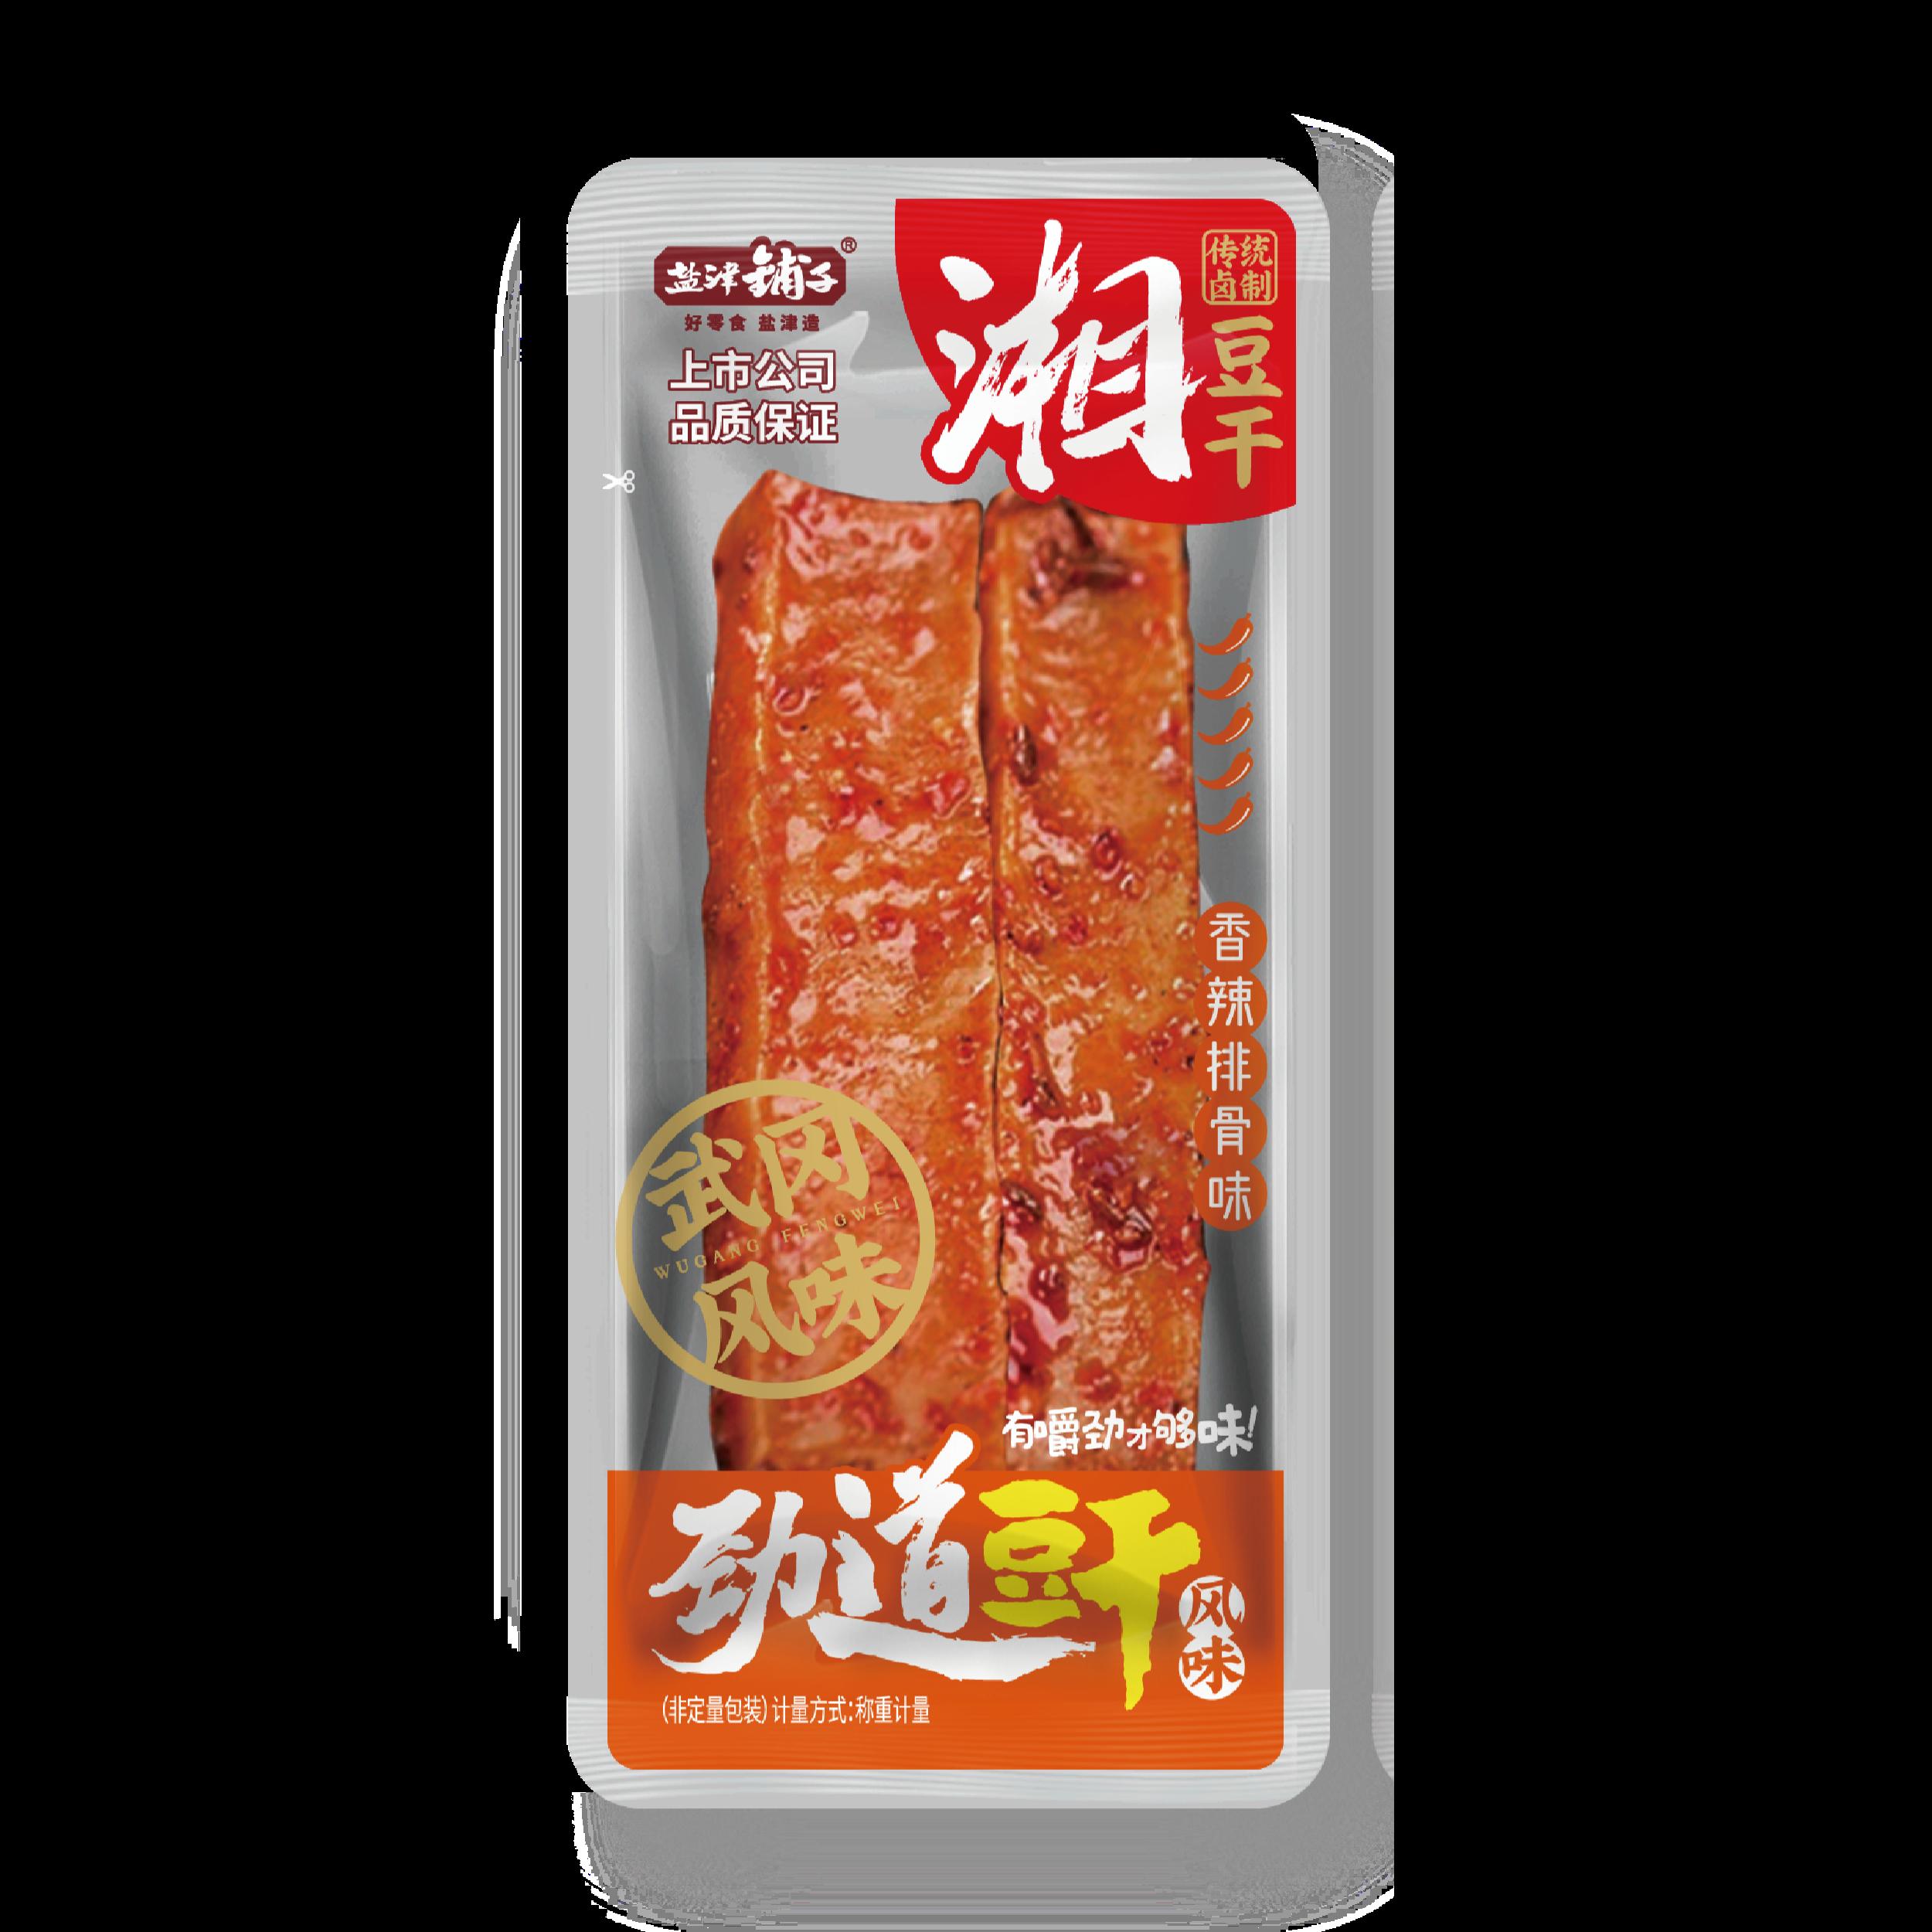 劲道风味豆干-香辣排骨味